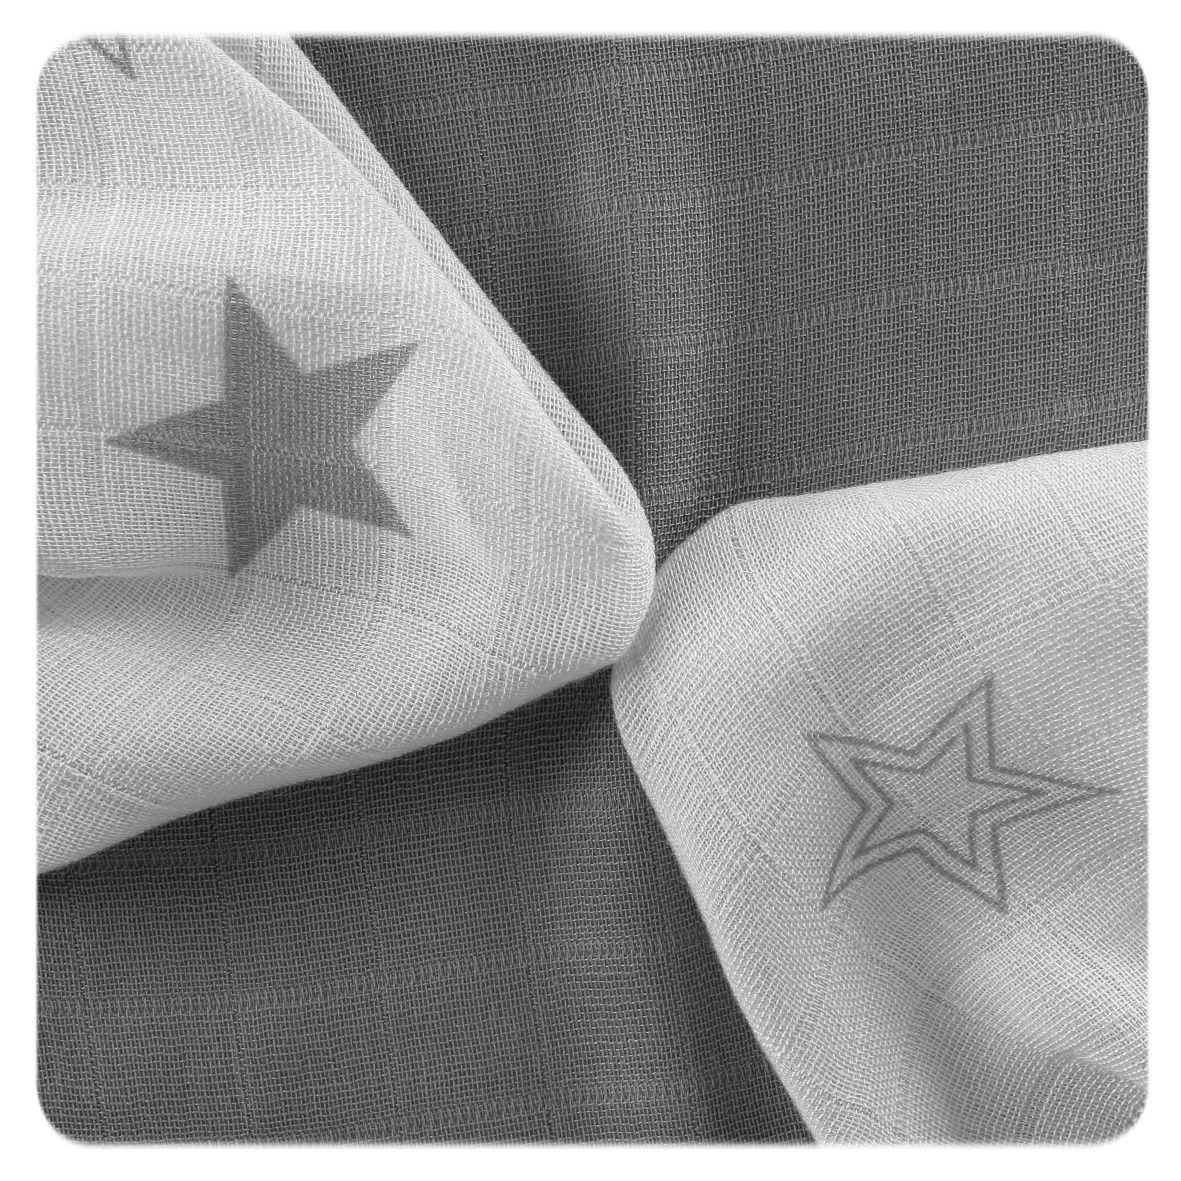 Bambusové ubrousky XKKO BMB 30x30 - Silver Stars MIX